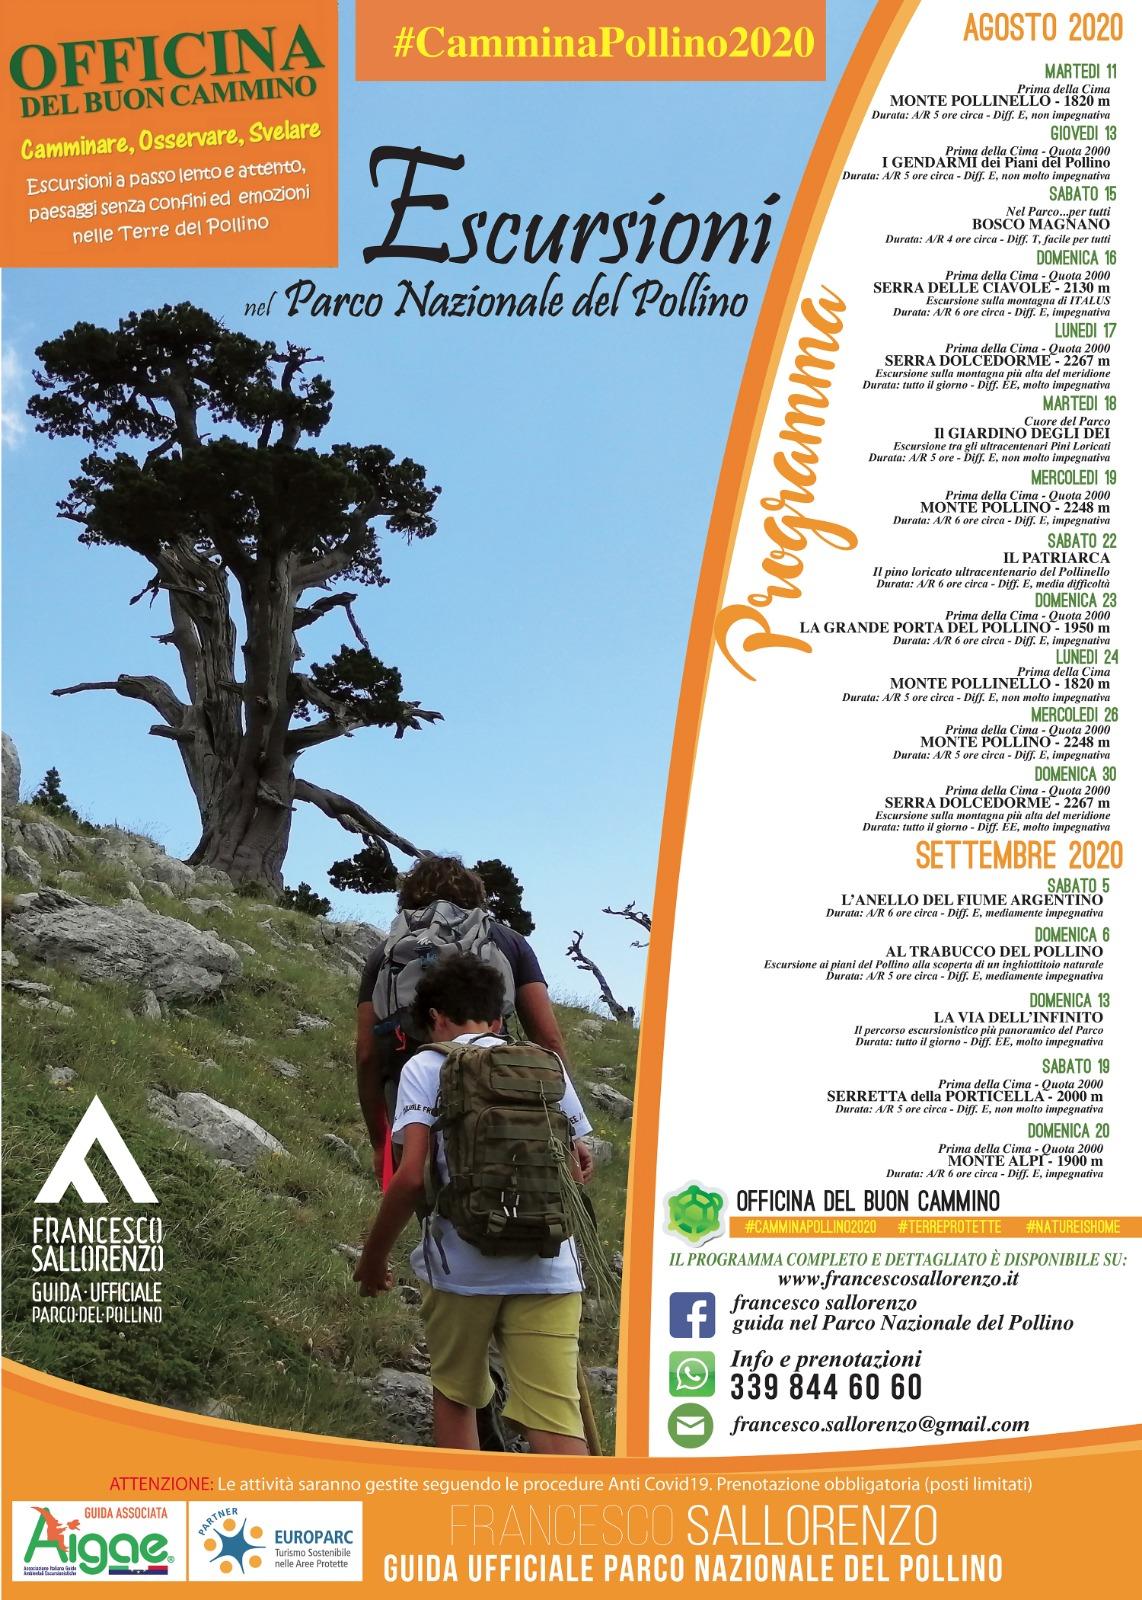 Calendario escursioni #CamminaPollino2020 Agosto – Settembre